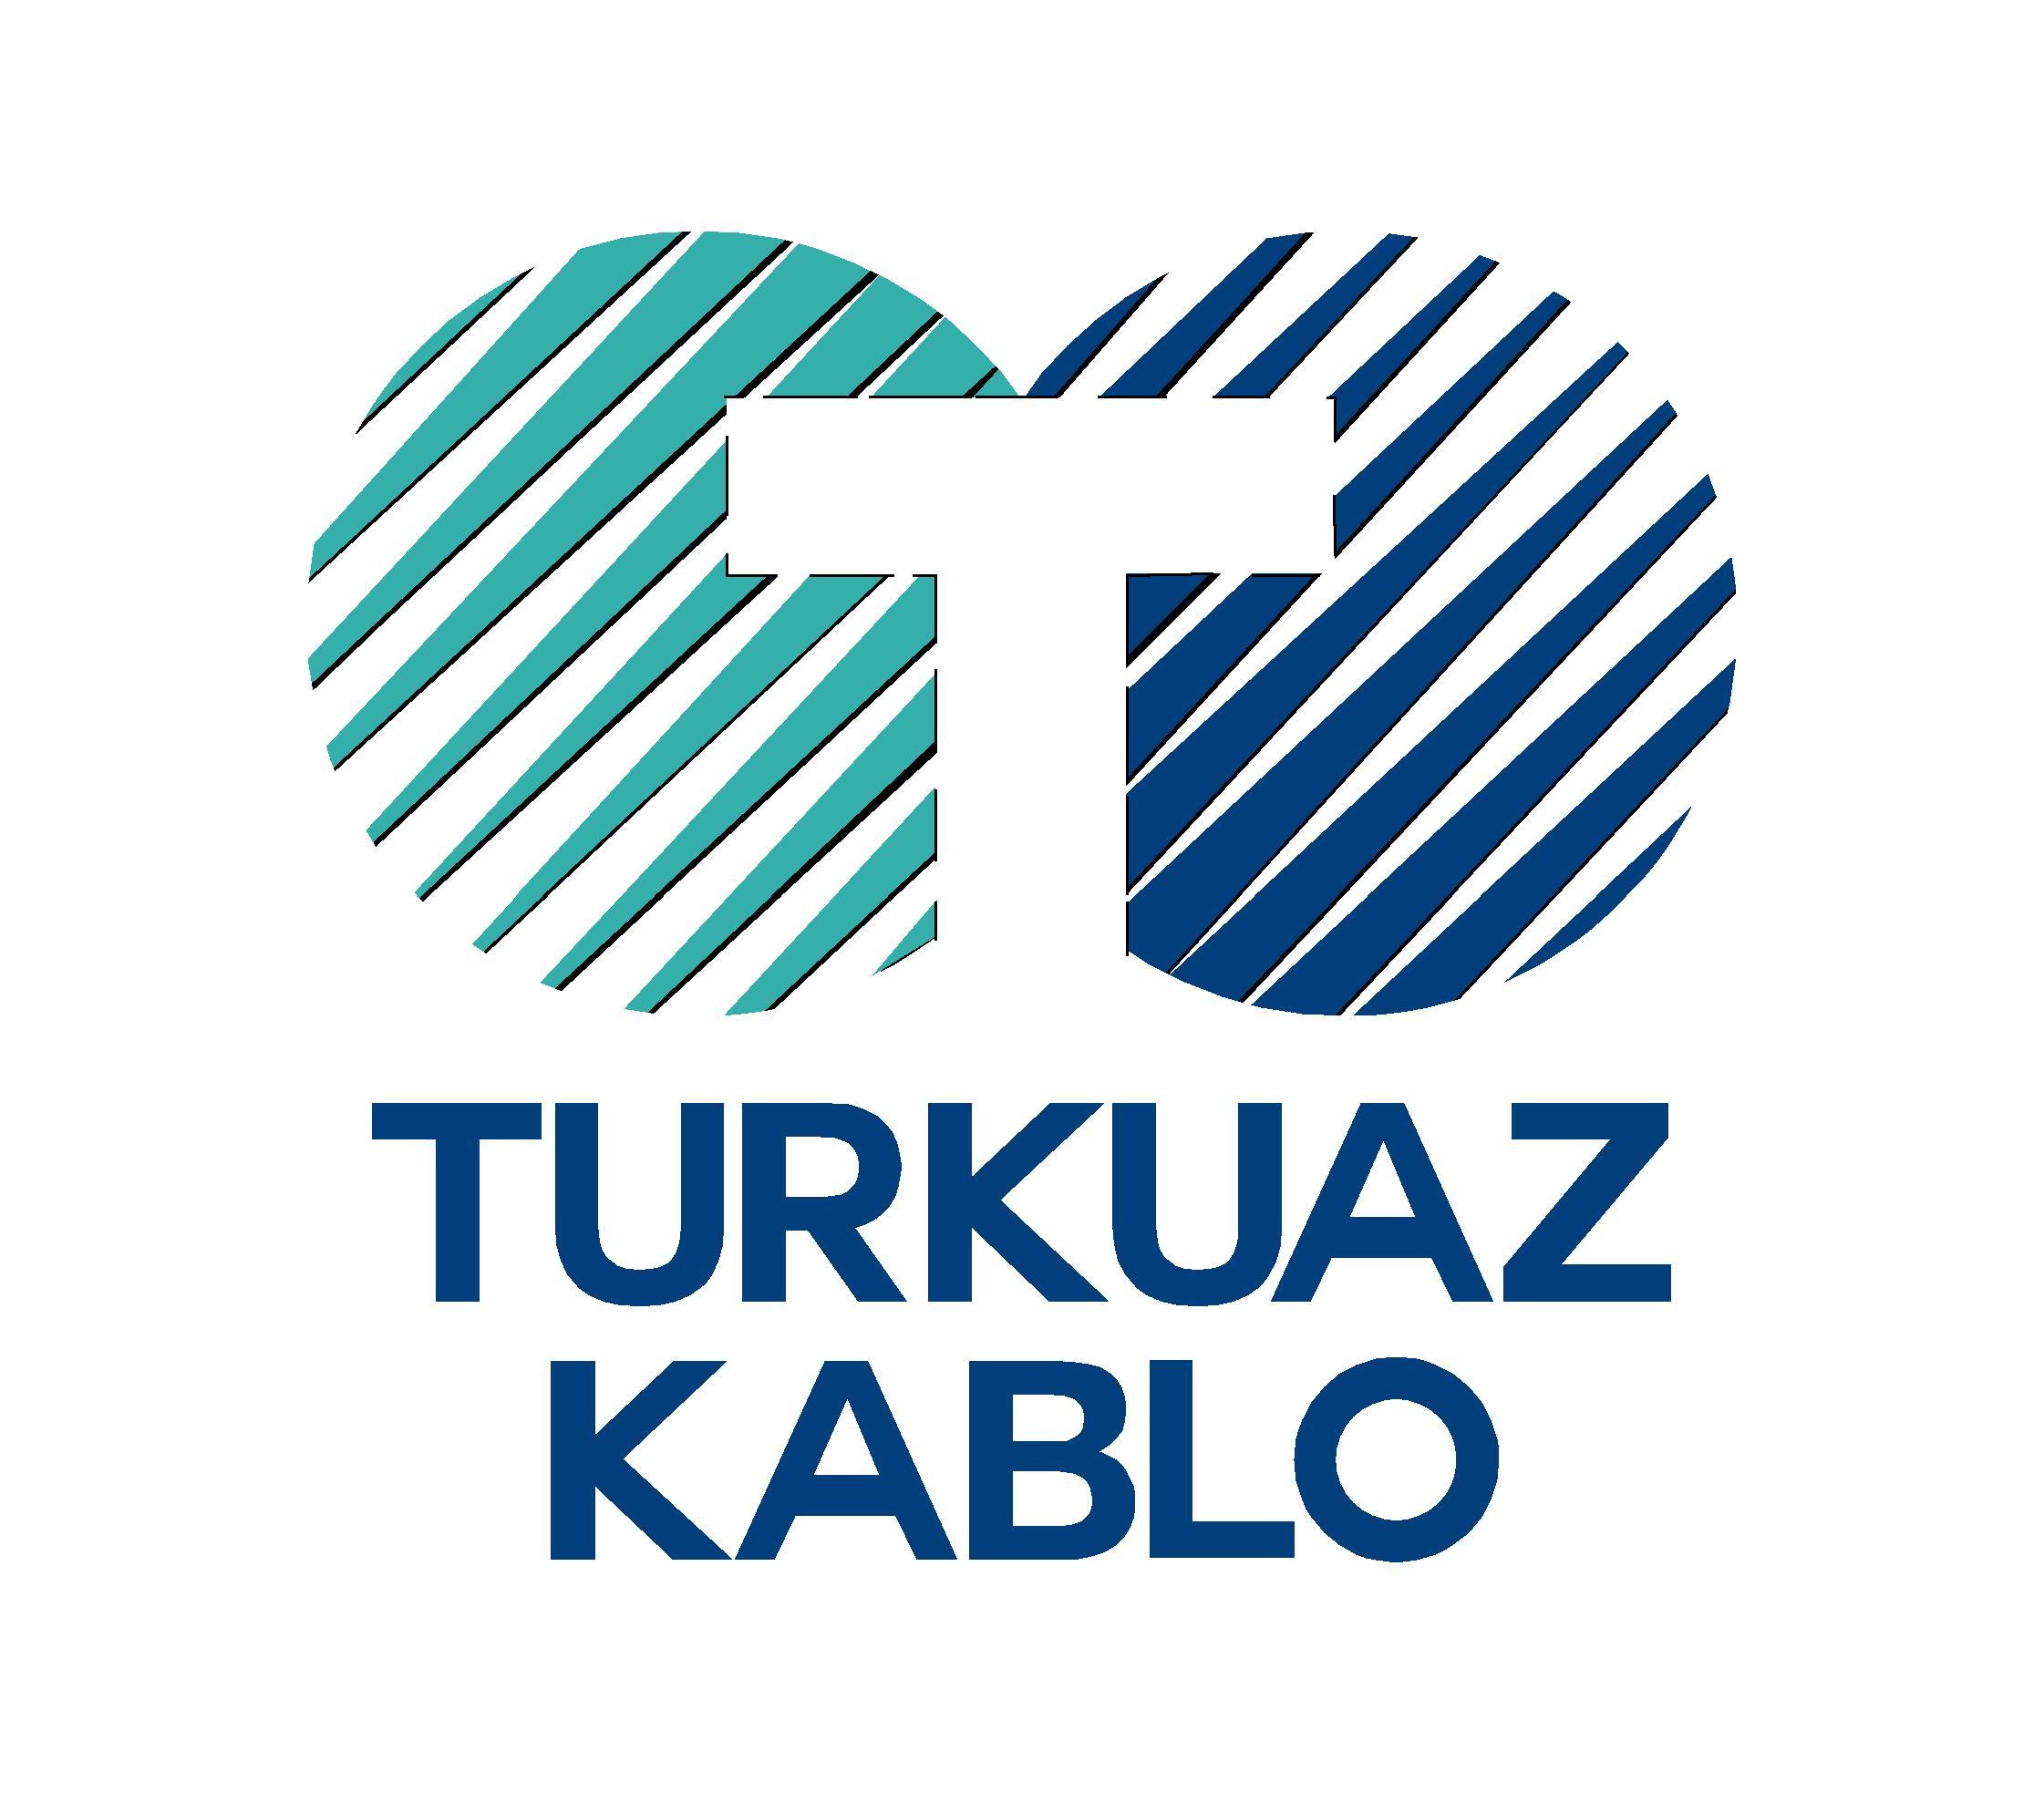 TURKUAZ KABLO TAAHHÜT TİCARET VE SANAYİ ANONİM ŞİRKETİ, Turkuaz Kablo